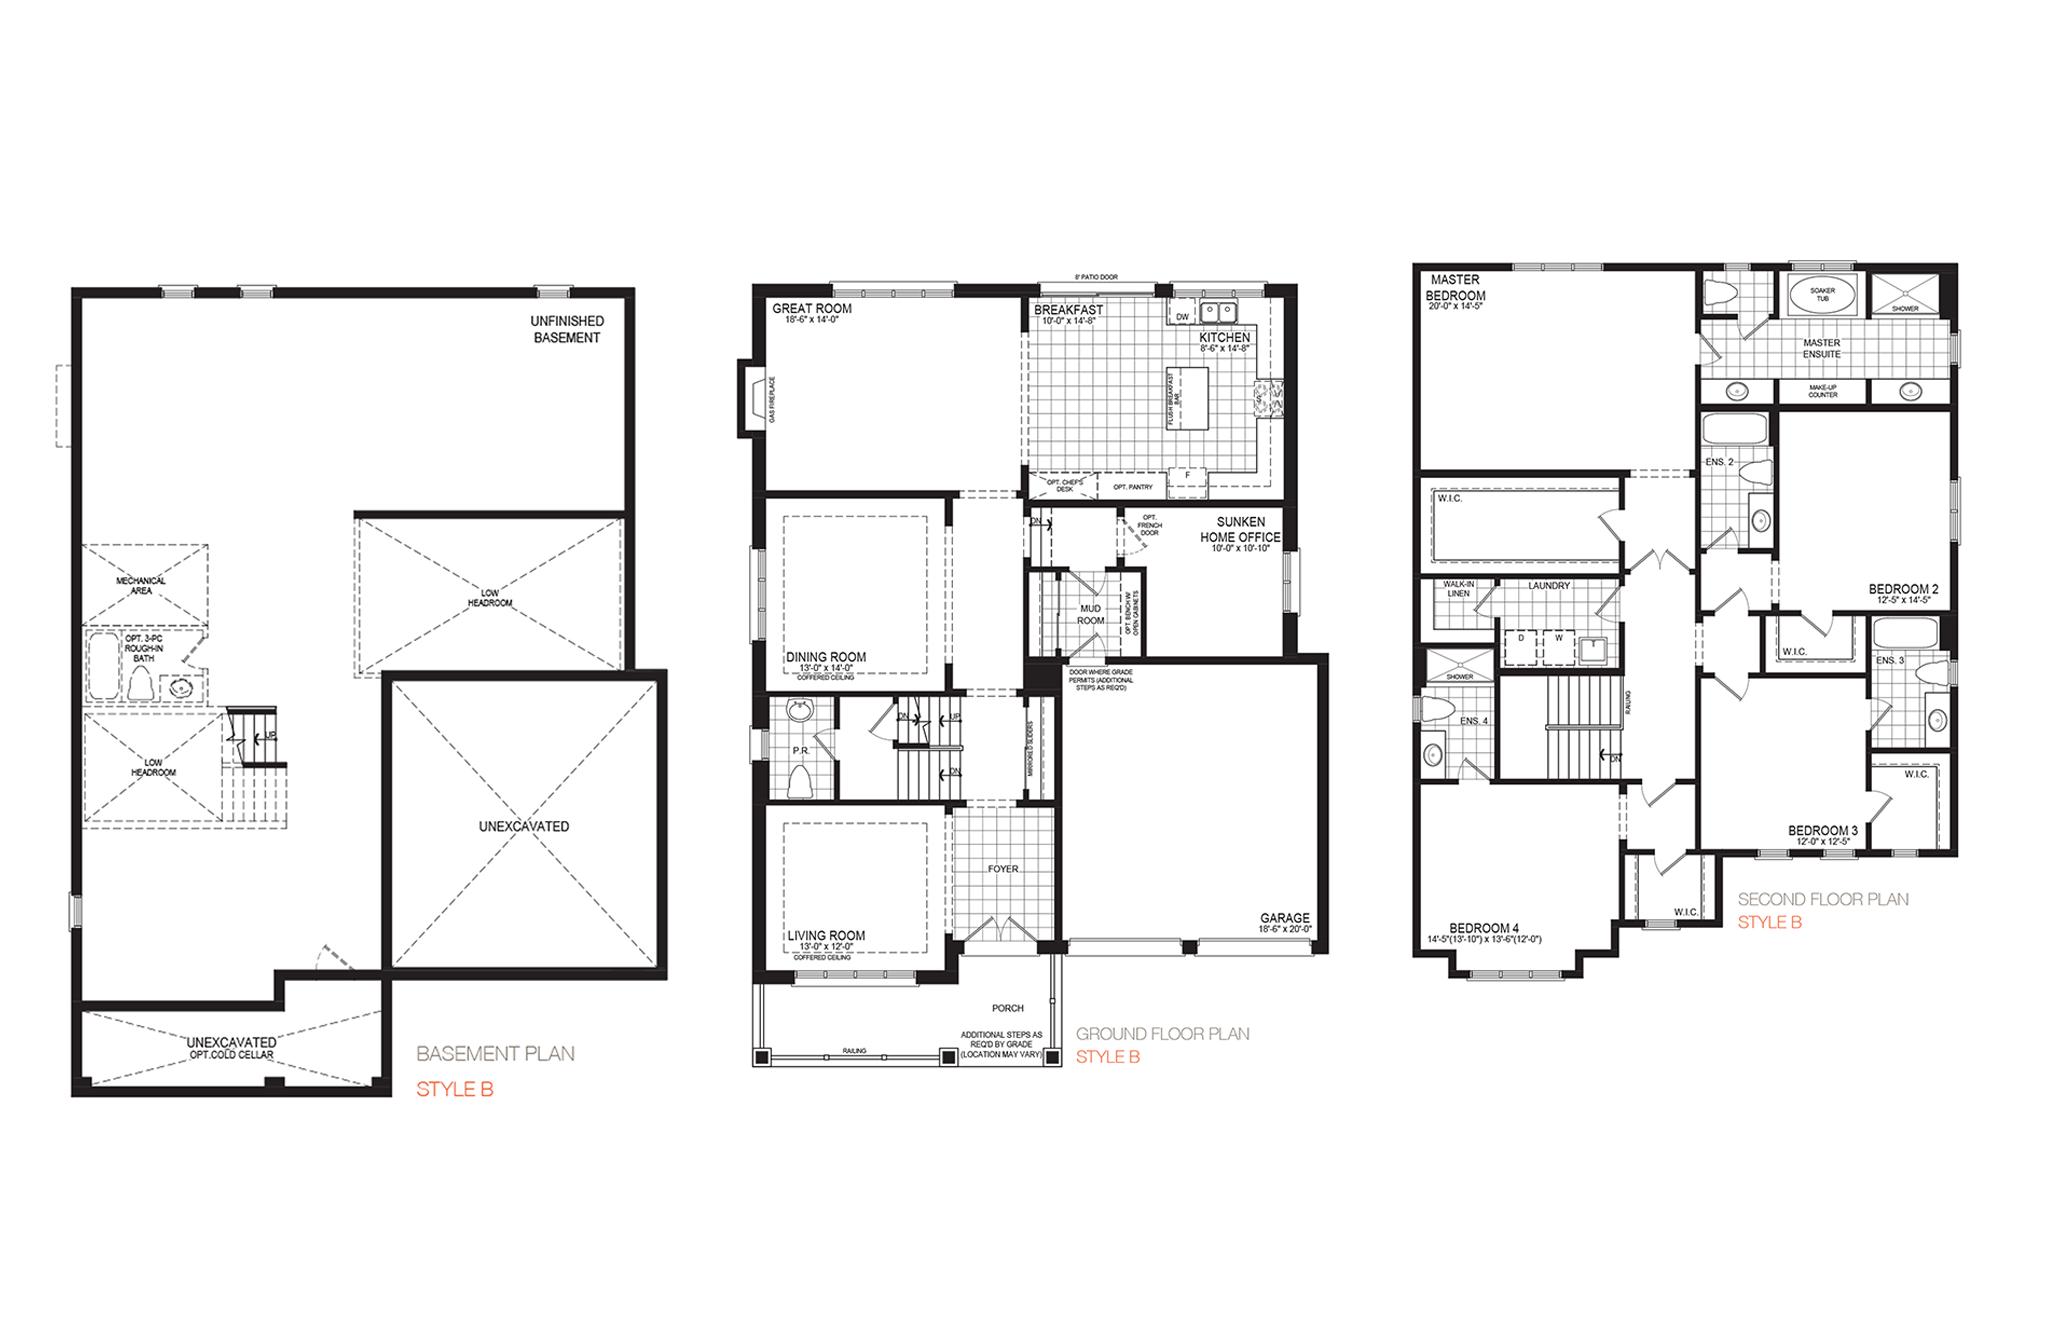 33990-hartford-on-floor-plan